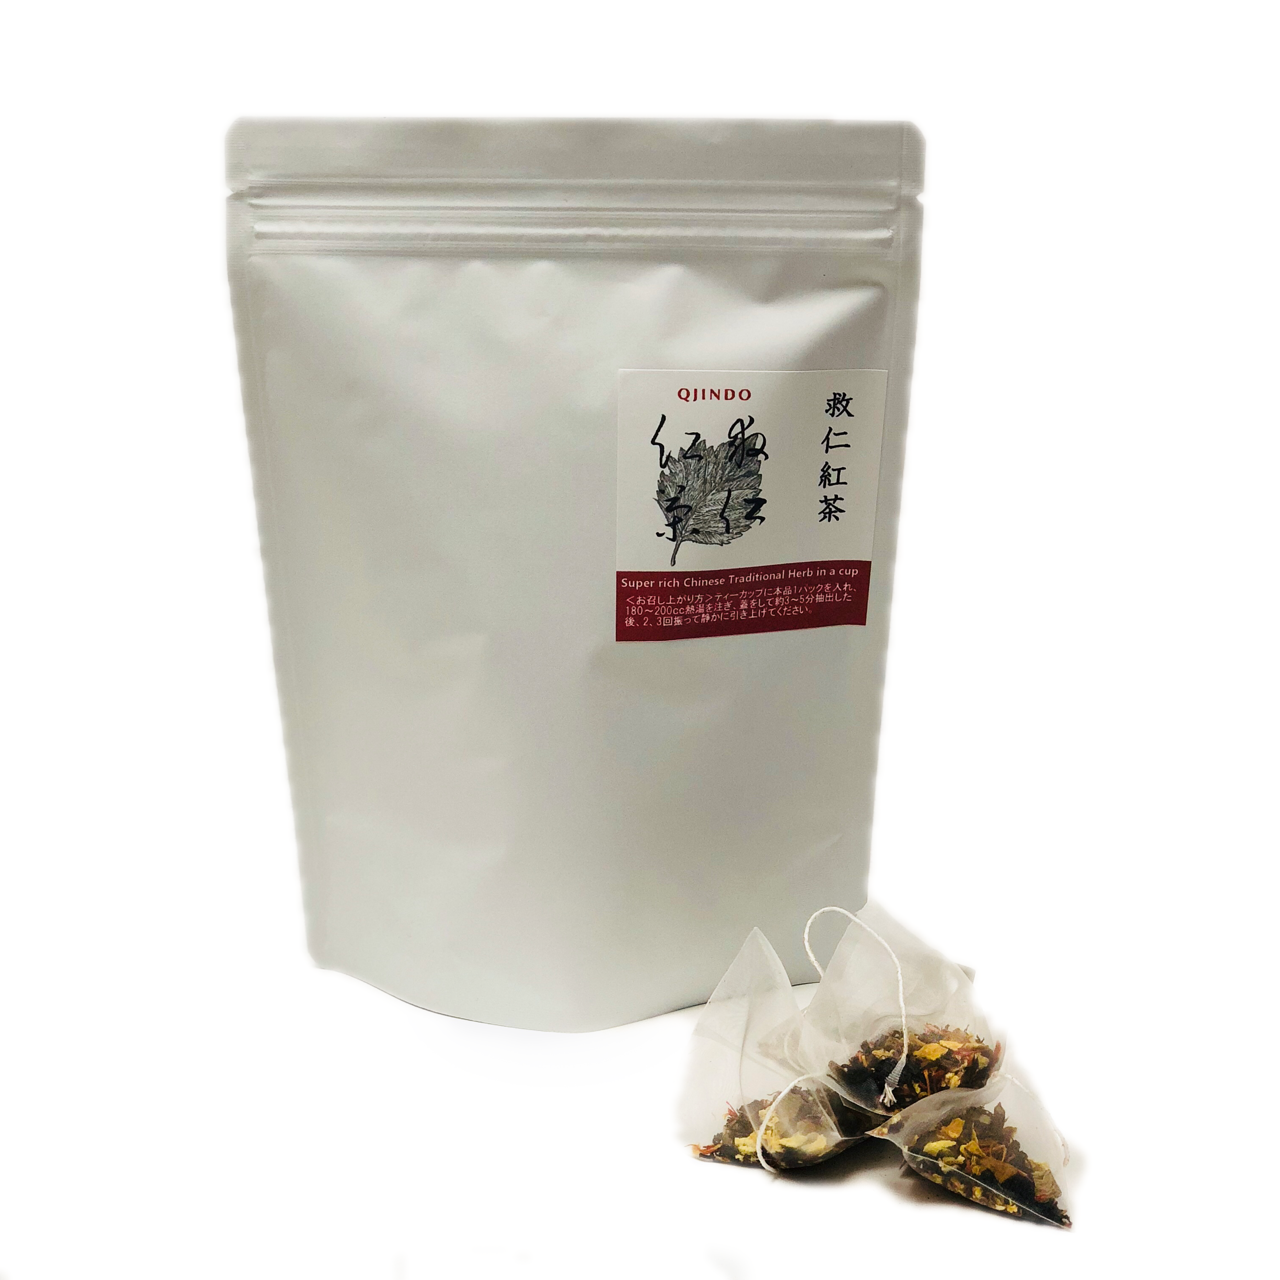 救仁紅茶 大容量 30包入り 定期便